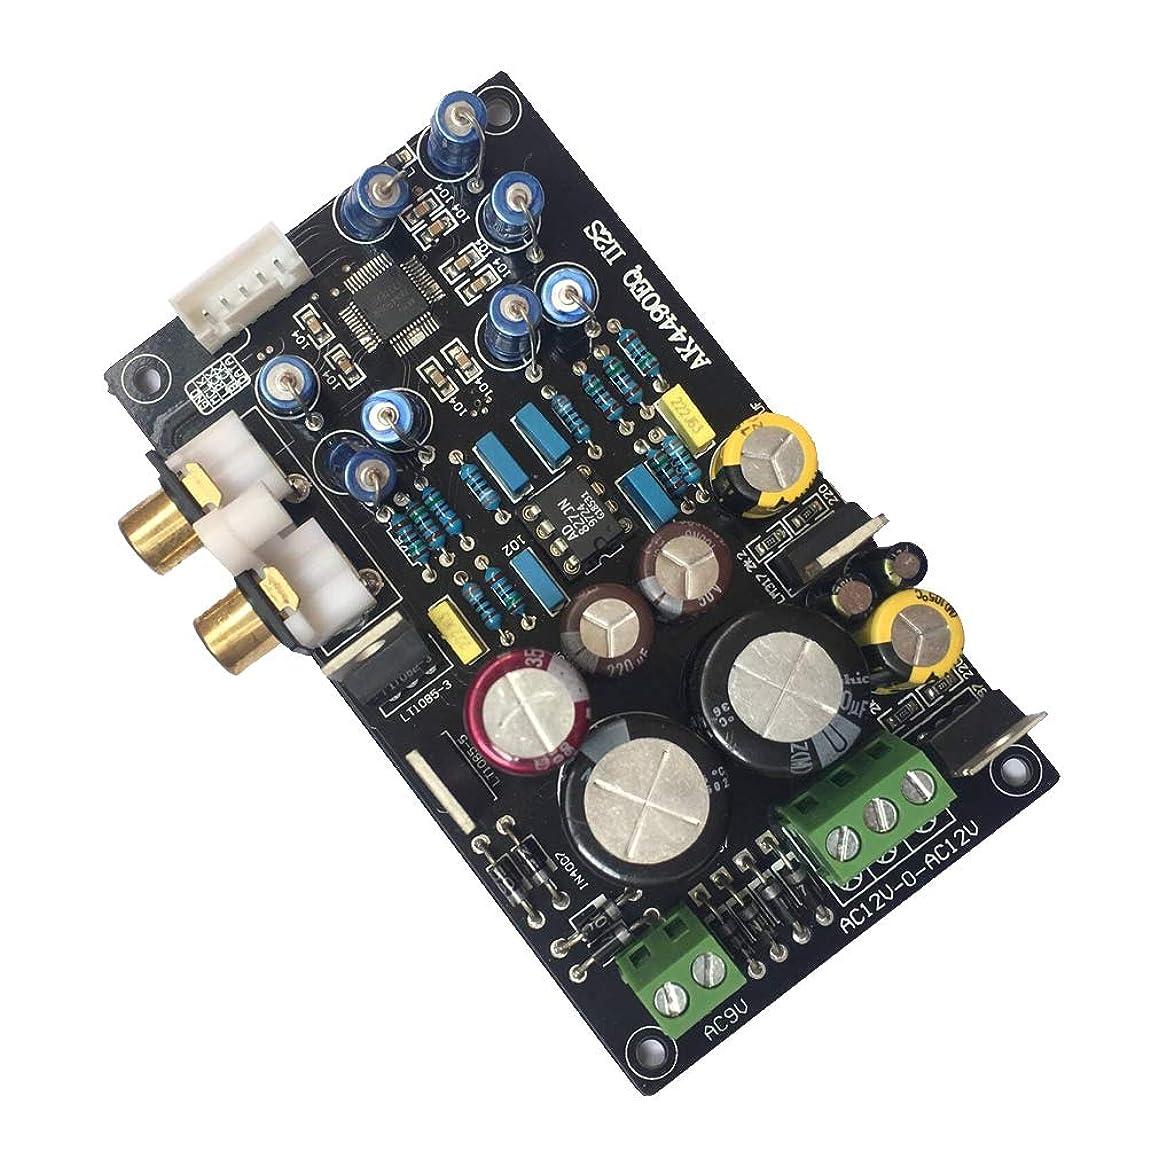 キャッチ休憩するヘルメットAK4490チップ II2S DACデコーダボード 32BIT 768Kデコーダ 組立済み オペアンプボード